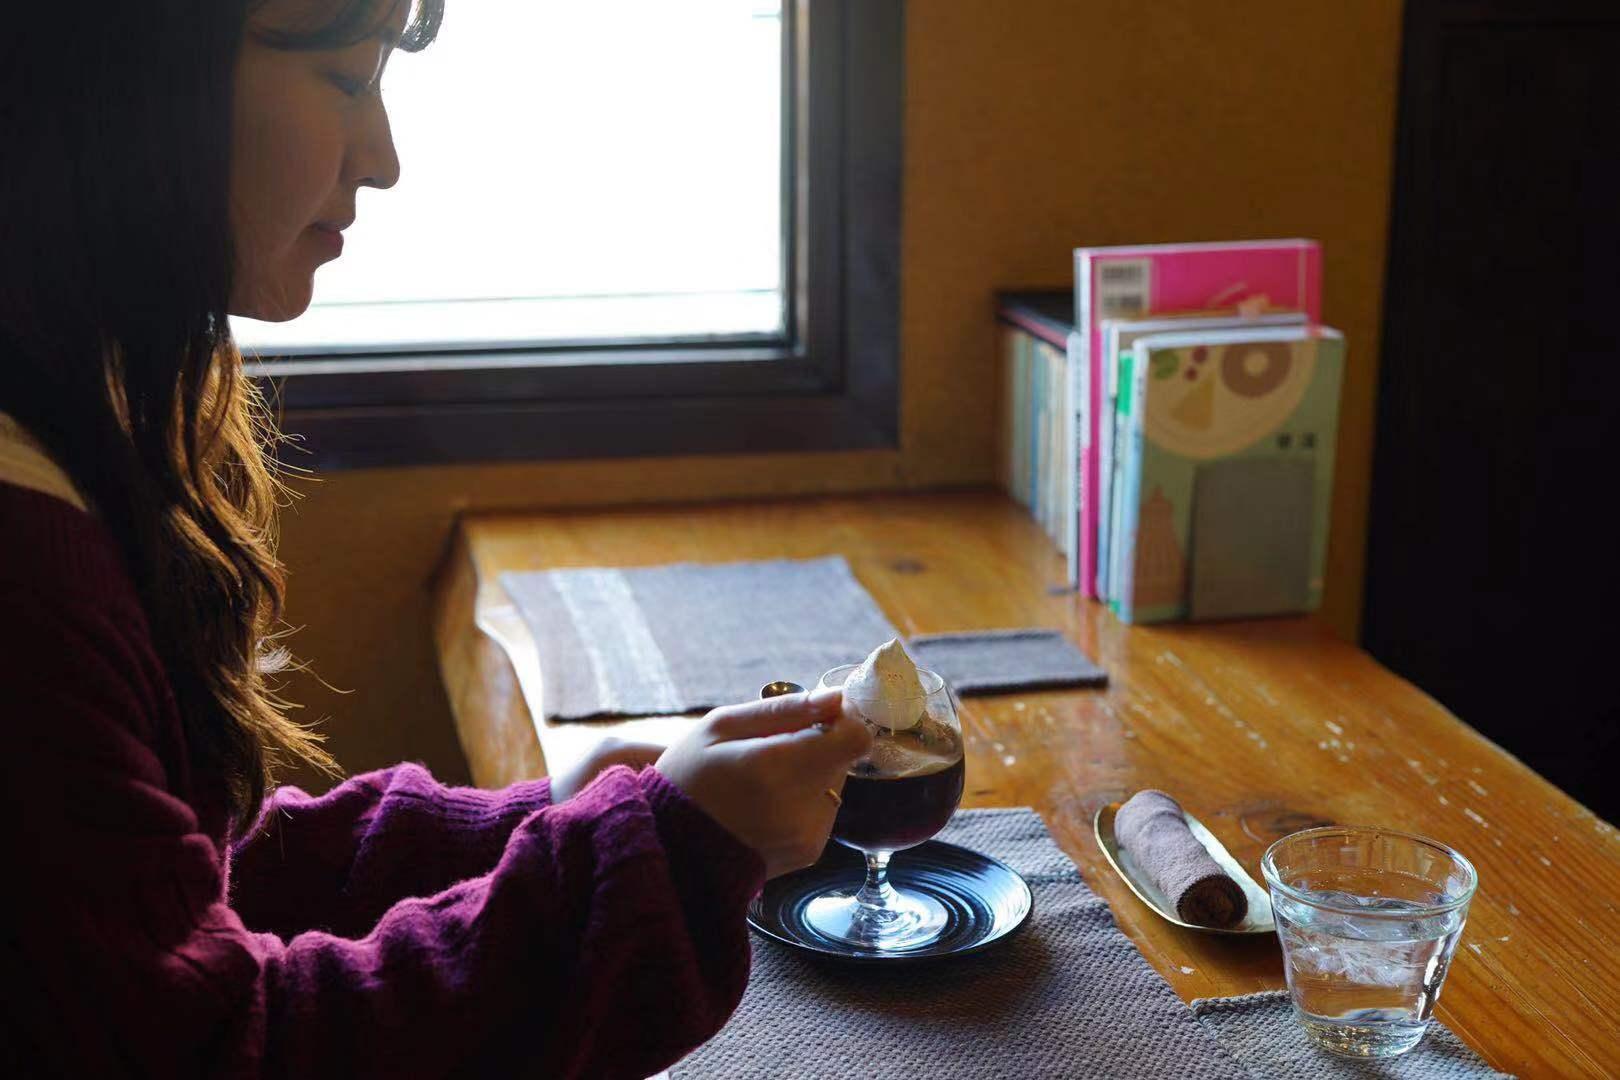 """上前津のギャラリー&カフェ「THE SHOP 十二ヵ月」で始める""""丁寧な暮らし"""" - jyuni5"""